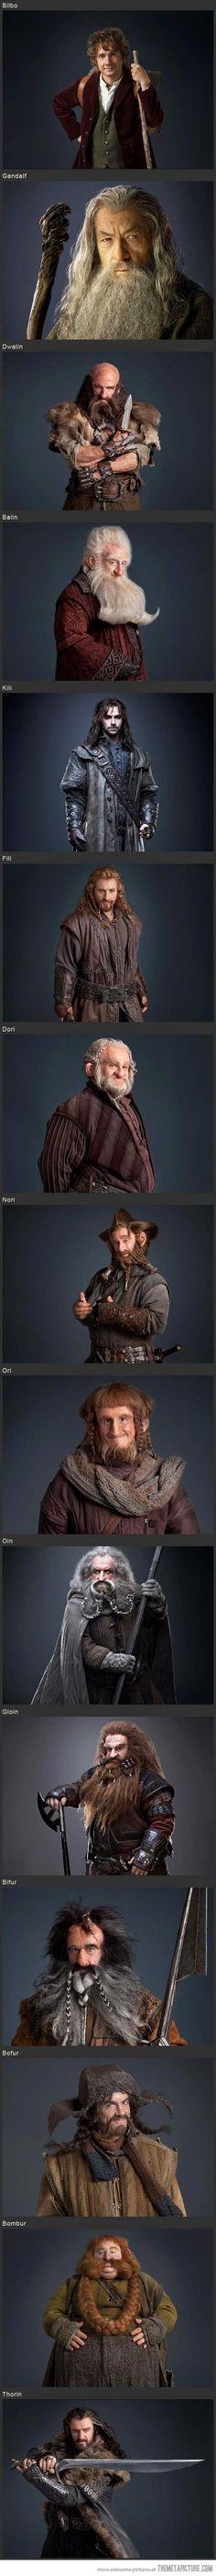 The Hobbit!!!